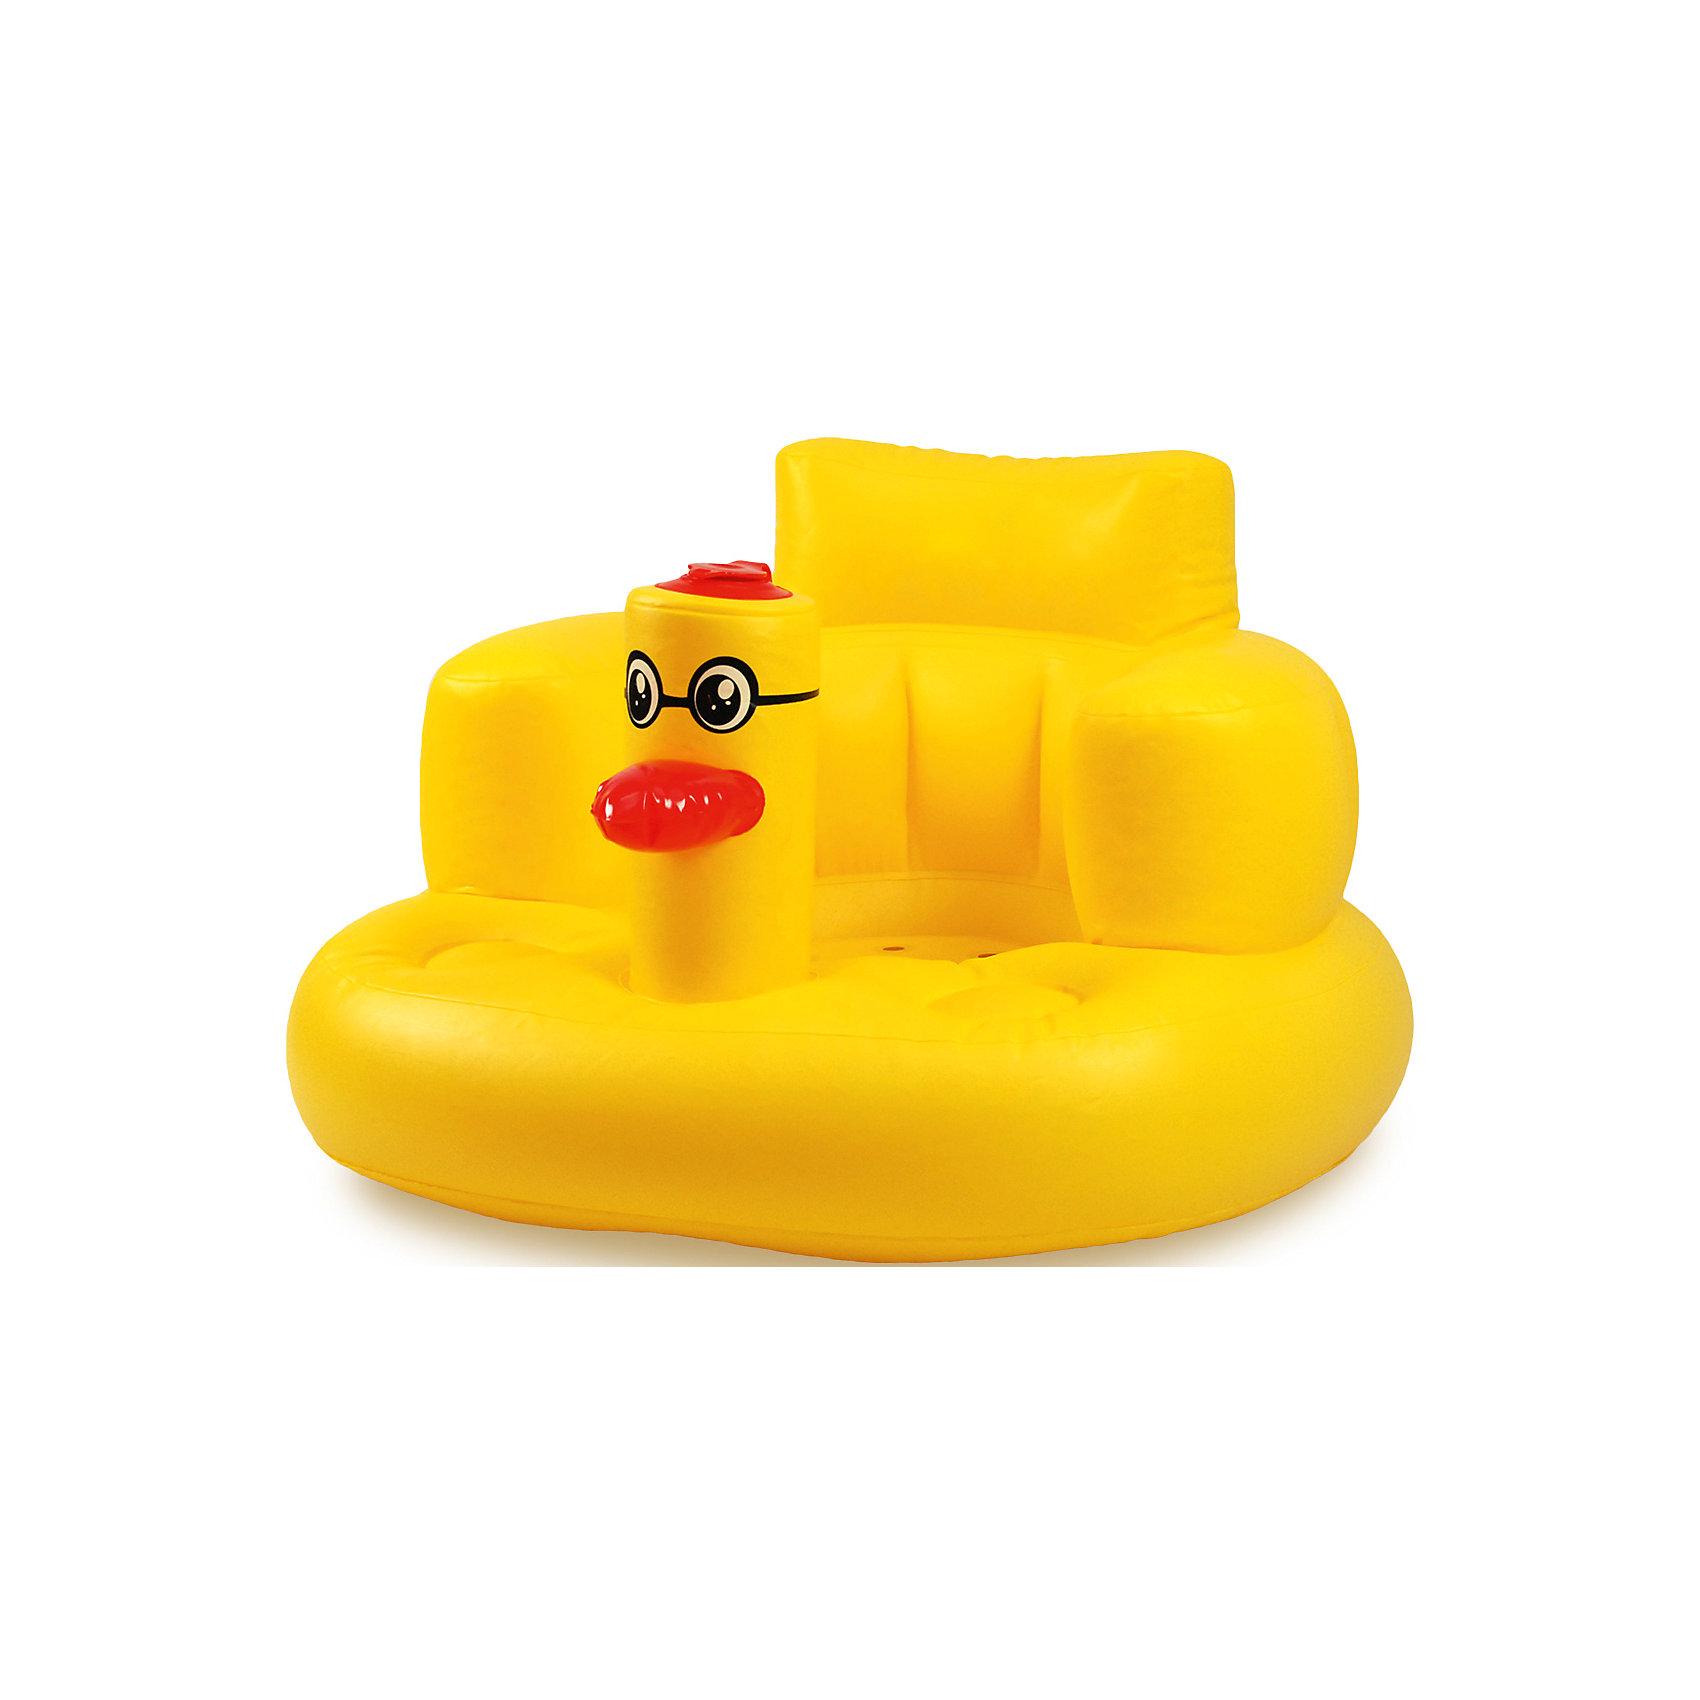 Надувное кресло для детей, BabySwimmerПрочие аксессуары<br>Надувное детское кресло придется по вкусу всем малышам, которые боятся купания. Кресло выполнено в форме веселой уточки, защищающей от мыльной воды личико малыша. У кресла высокая спинка, обеспечивающая комфорт при сидении и не дающая малышу упасть в воду. У модели отсутствуют выступающие швы, что делает кресло максимально комфортным. Модель сдувается до компактных размеров. Все материалы, использованные при разработке и изготовлении надувного детского кресла безопасны для использования, отвечают всем требованиям экологичности и качества детских товаров, а так же гипоаллергенны.<br><br>Дополнительная информация:<br><br>цвет: желтый.<br><br>Надувное детское кресло Baby Swimmer можно приобрести в нашем магазине.<br><br>Ширина мм: 220<br>Глубина мм: 70<br>Высота мм: 200<br>Вес г: 500<br>Возраст от месяцев: 6<br>Возраст до месяцев: 36<br>Пол: Унисекс<br>Возраст: Детский<br>SKU: 4968118